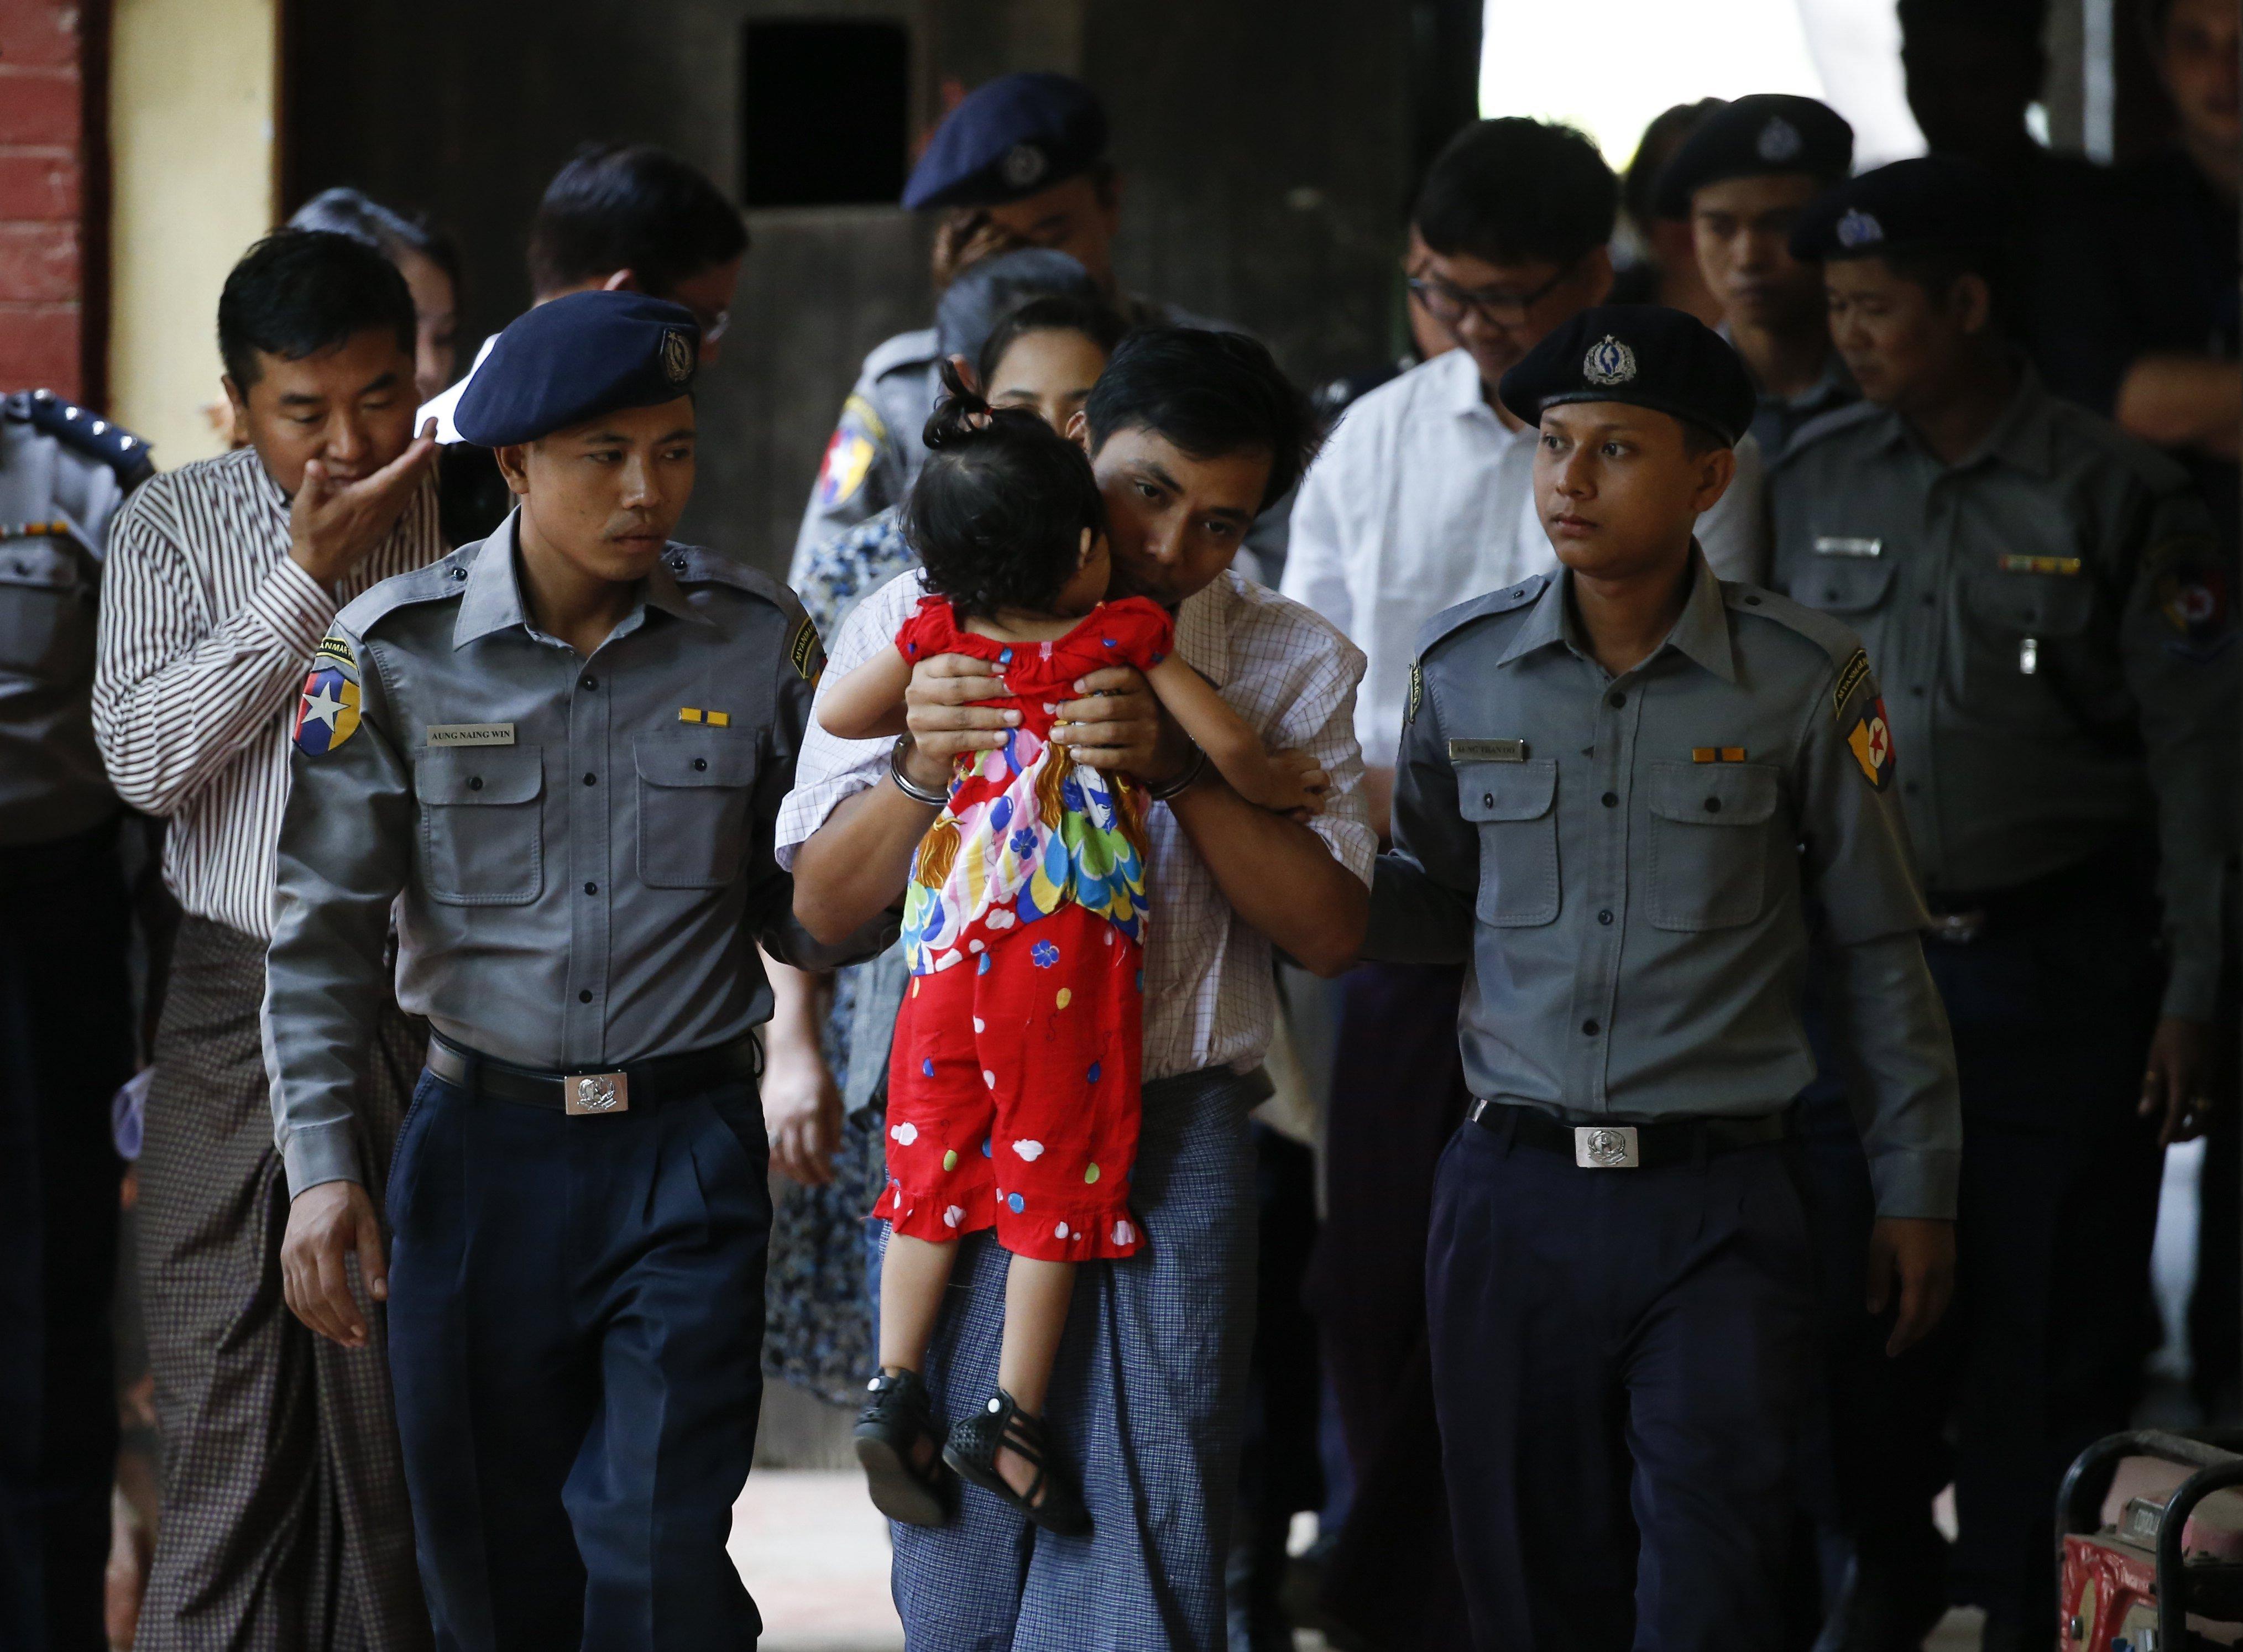 El periodista detingut de l'agència Reuters Kyaw Soe Oo besa la seva filla de tres anys a la seva arribada a un judici a Yangon (Birmània). /LYNN BO BO